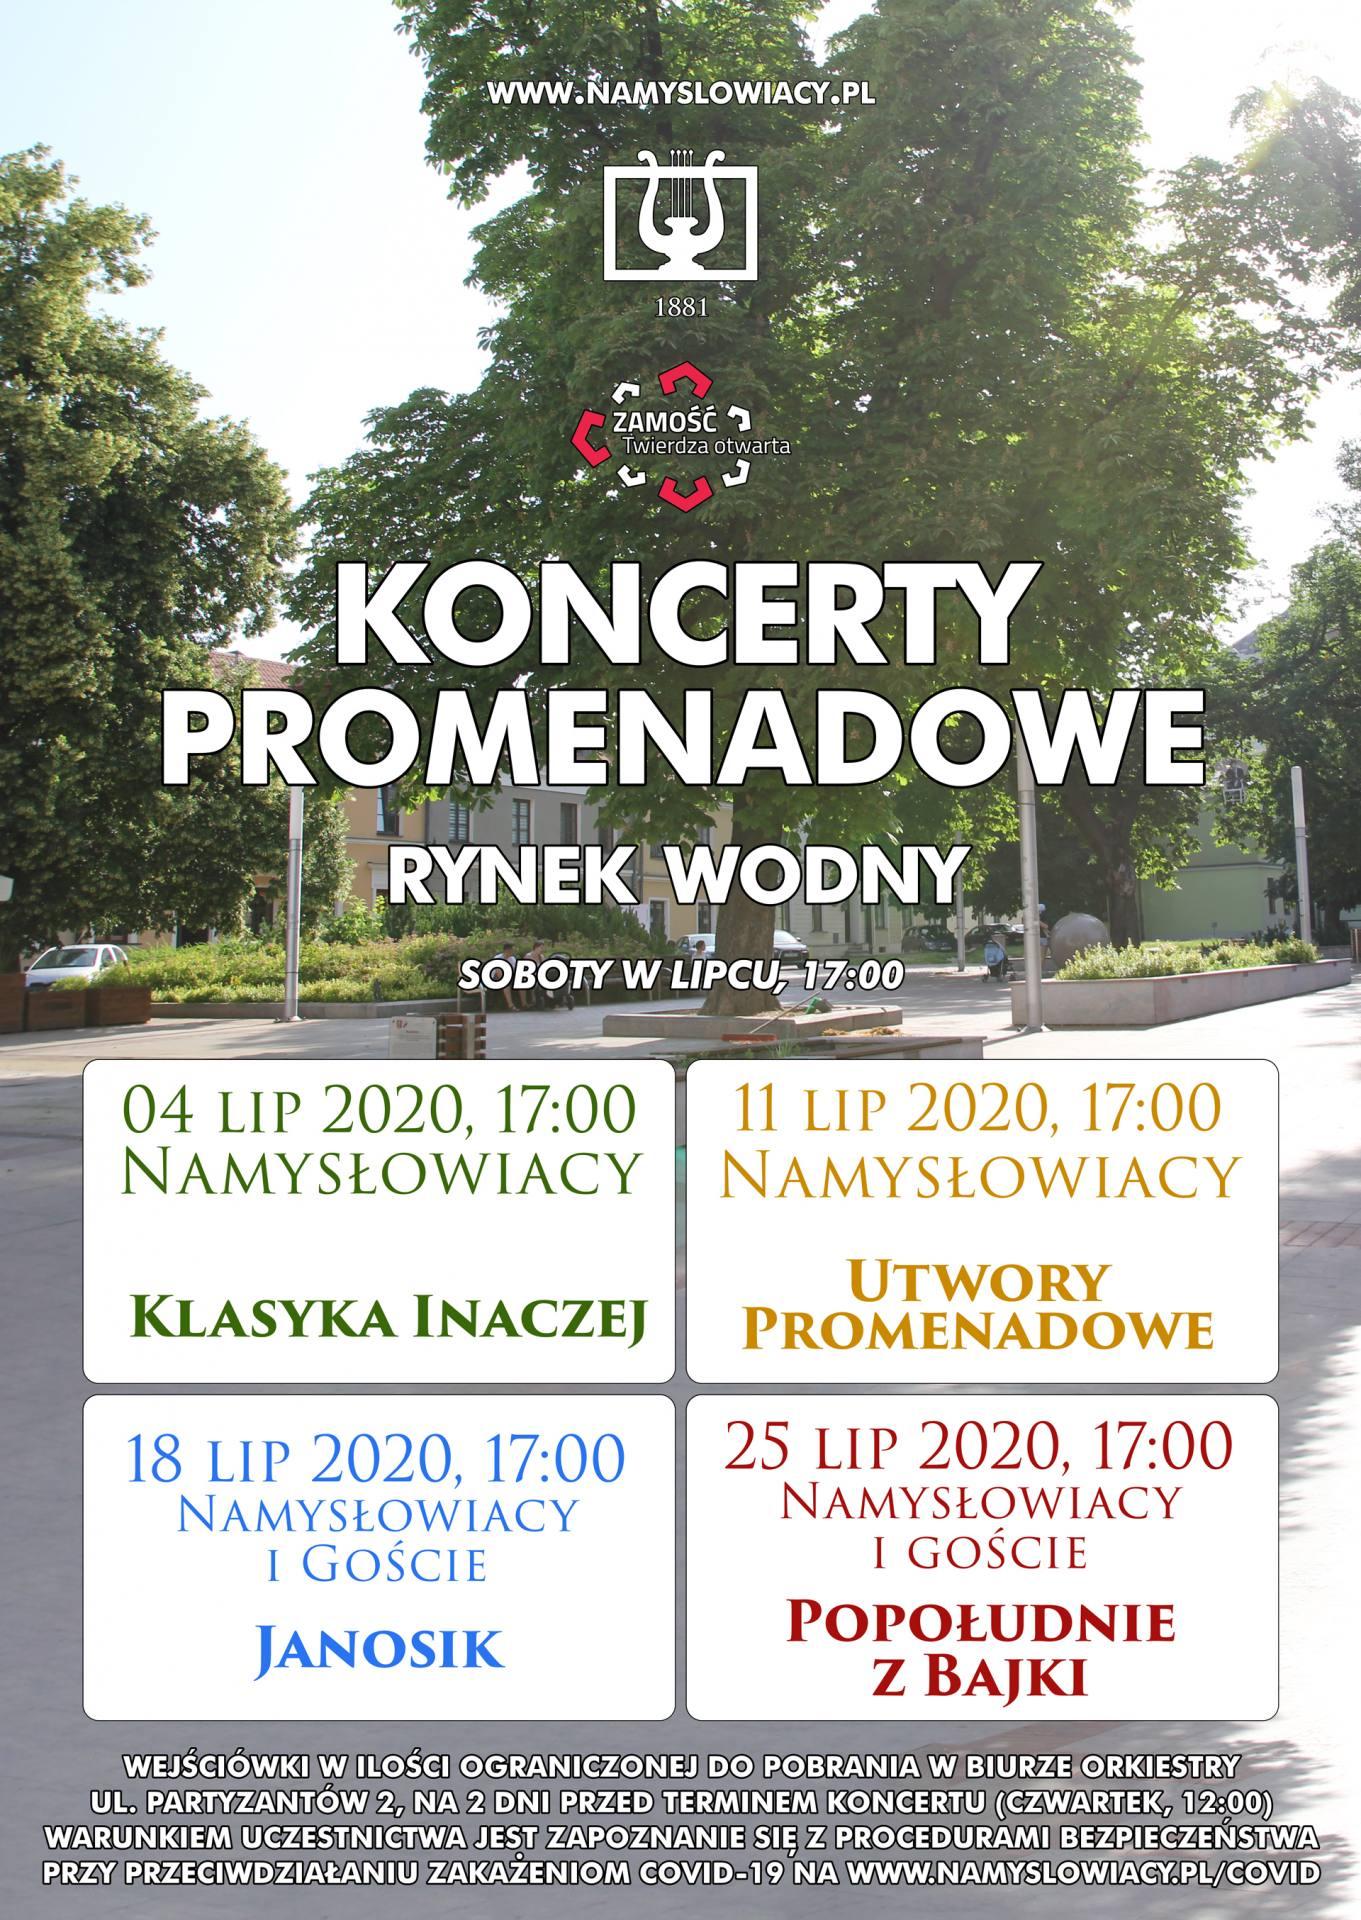 promenadowy 2020 Namysłowiacy powracają z koncertami plenerowymi.